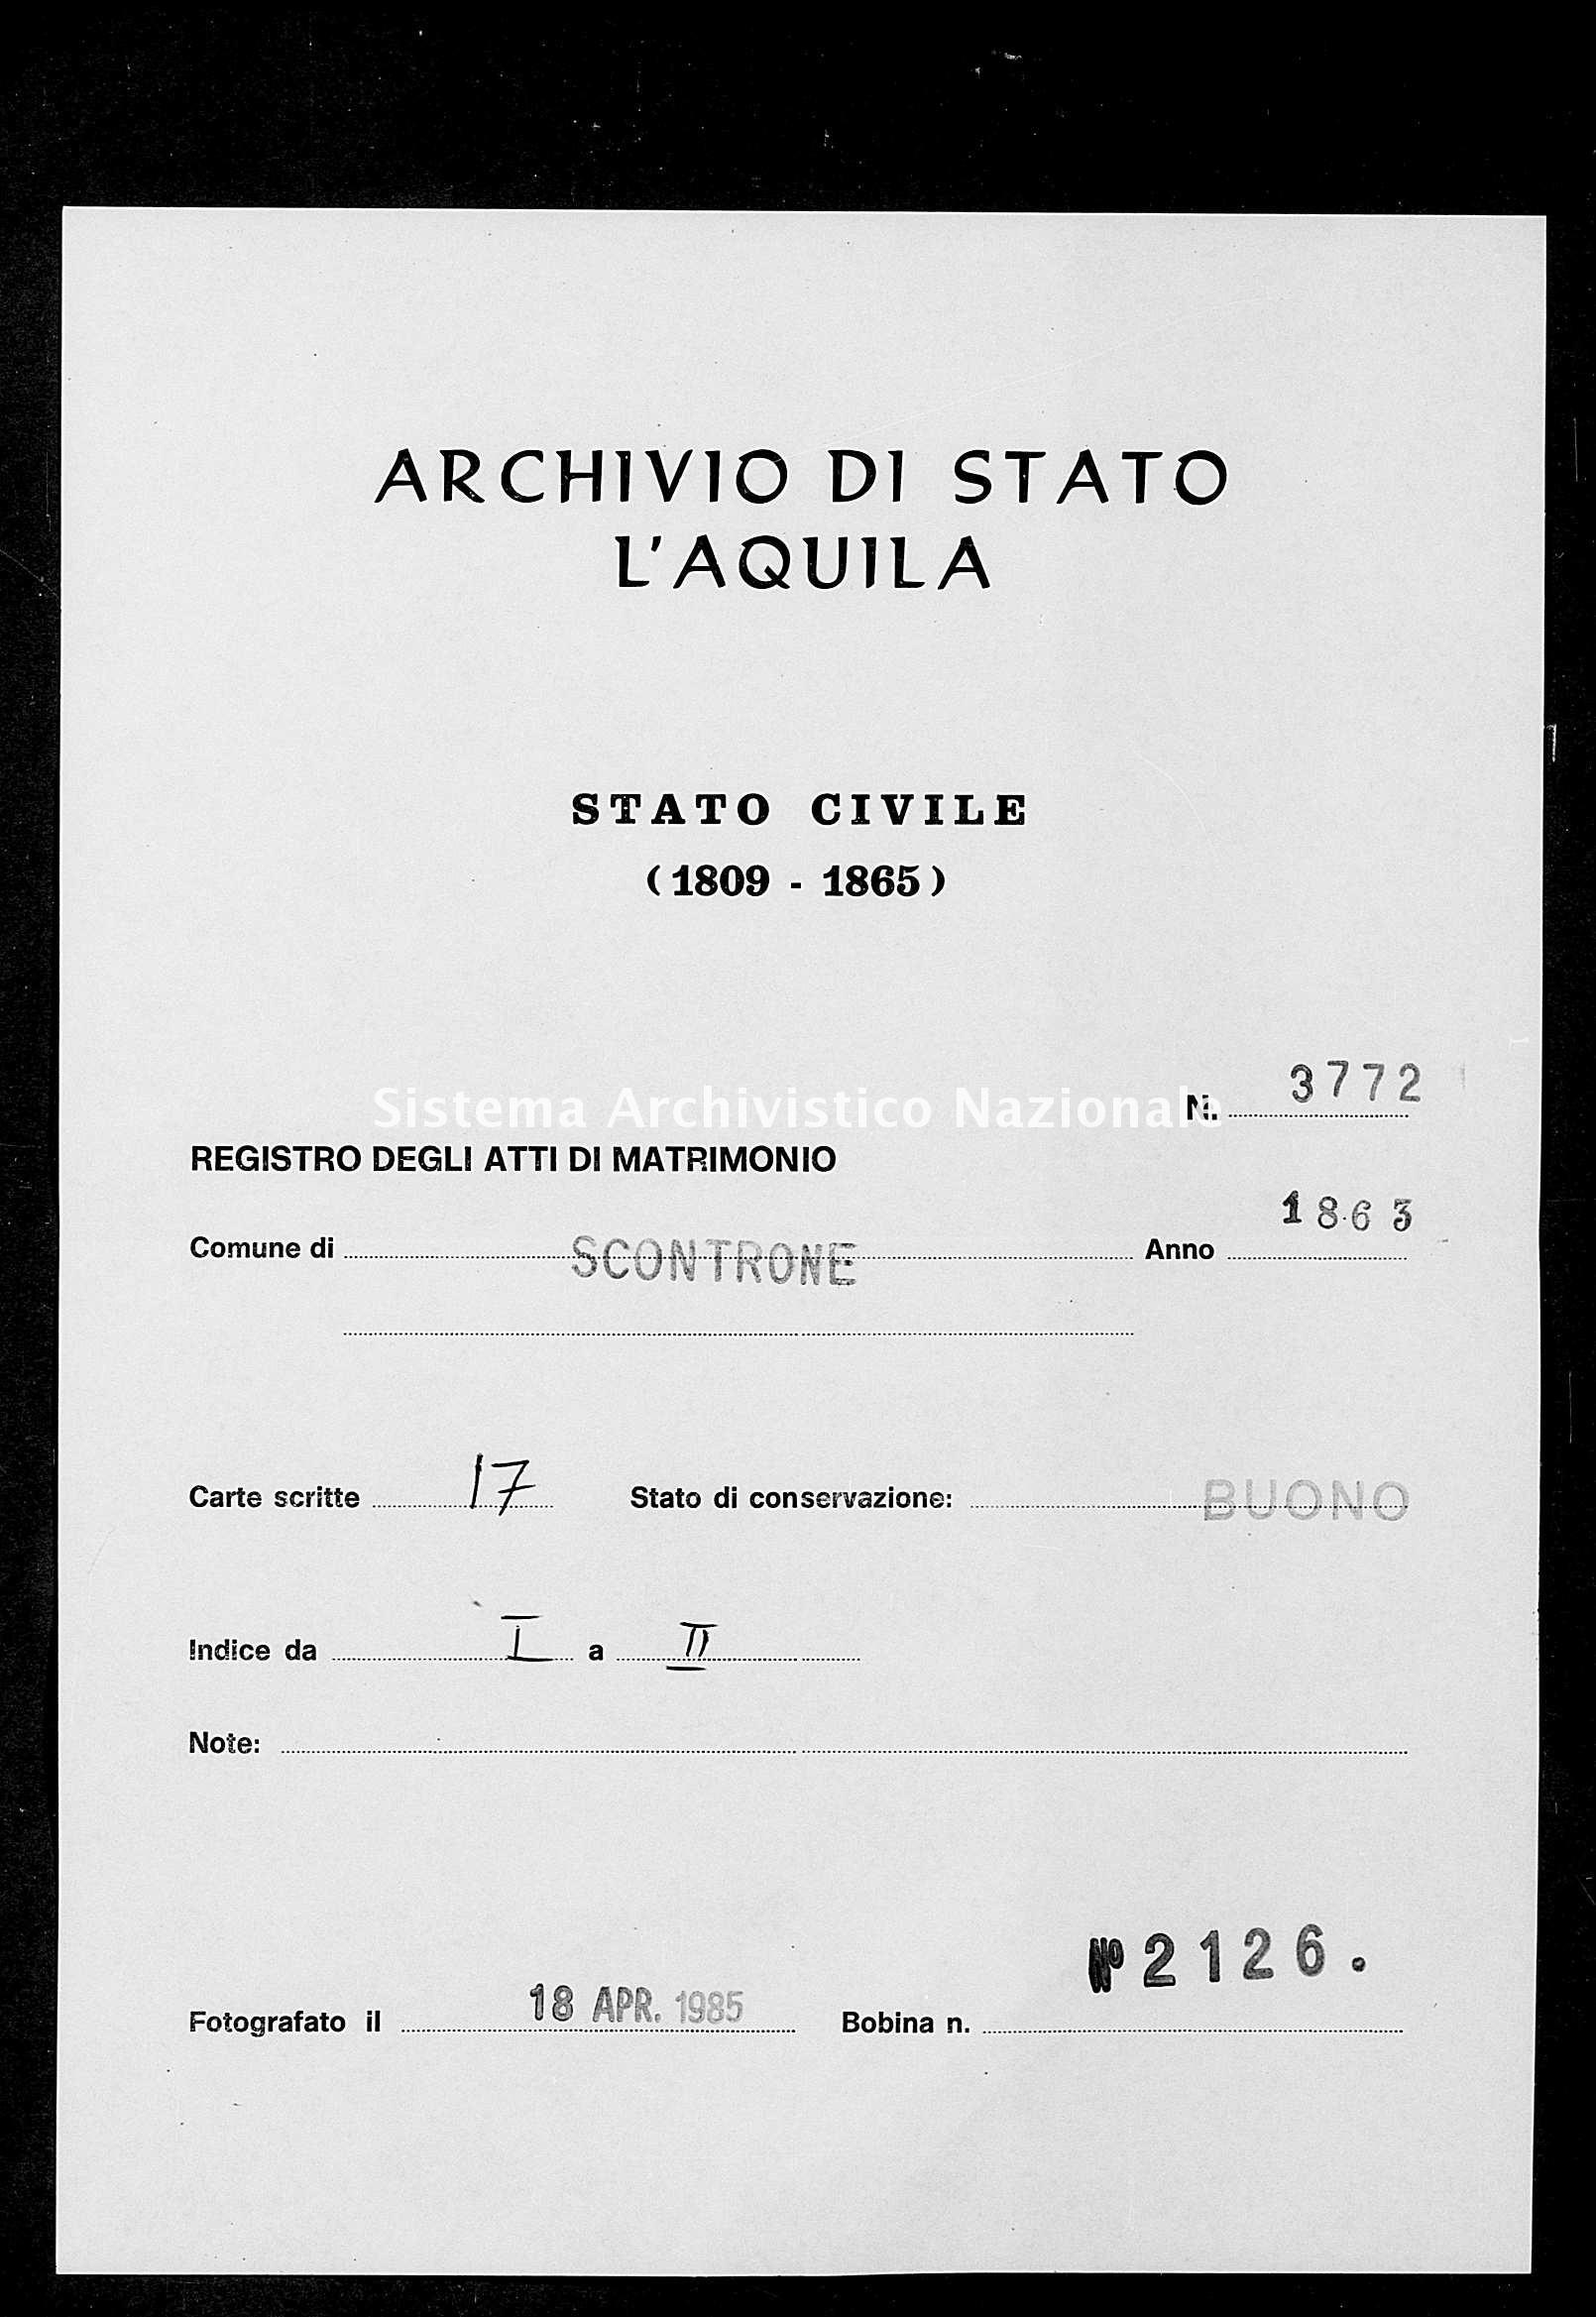 Archivio di stato di L'aquila - Stato civile italiano - Scontrone - Matrimoni - 1863 - 3772 -